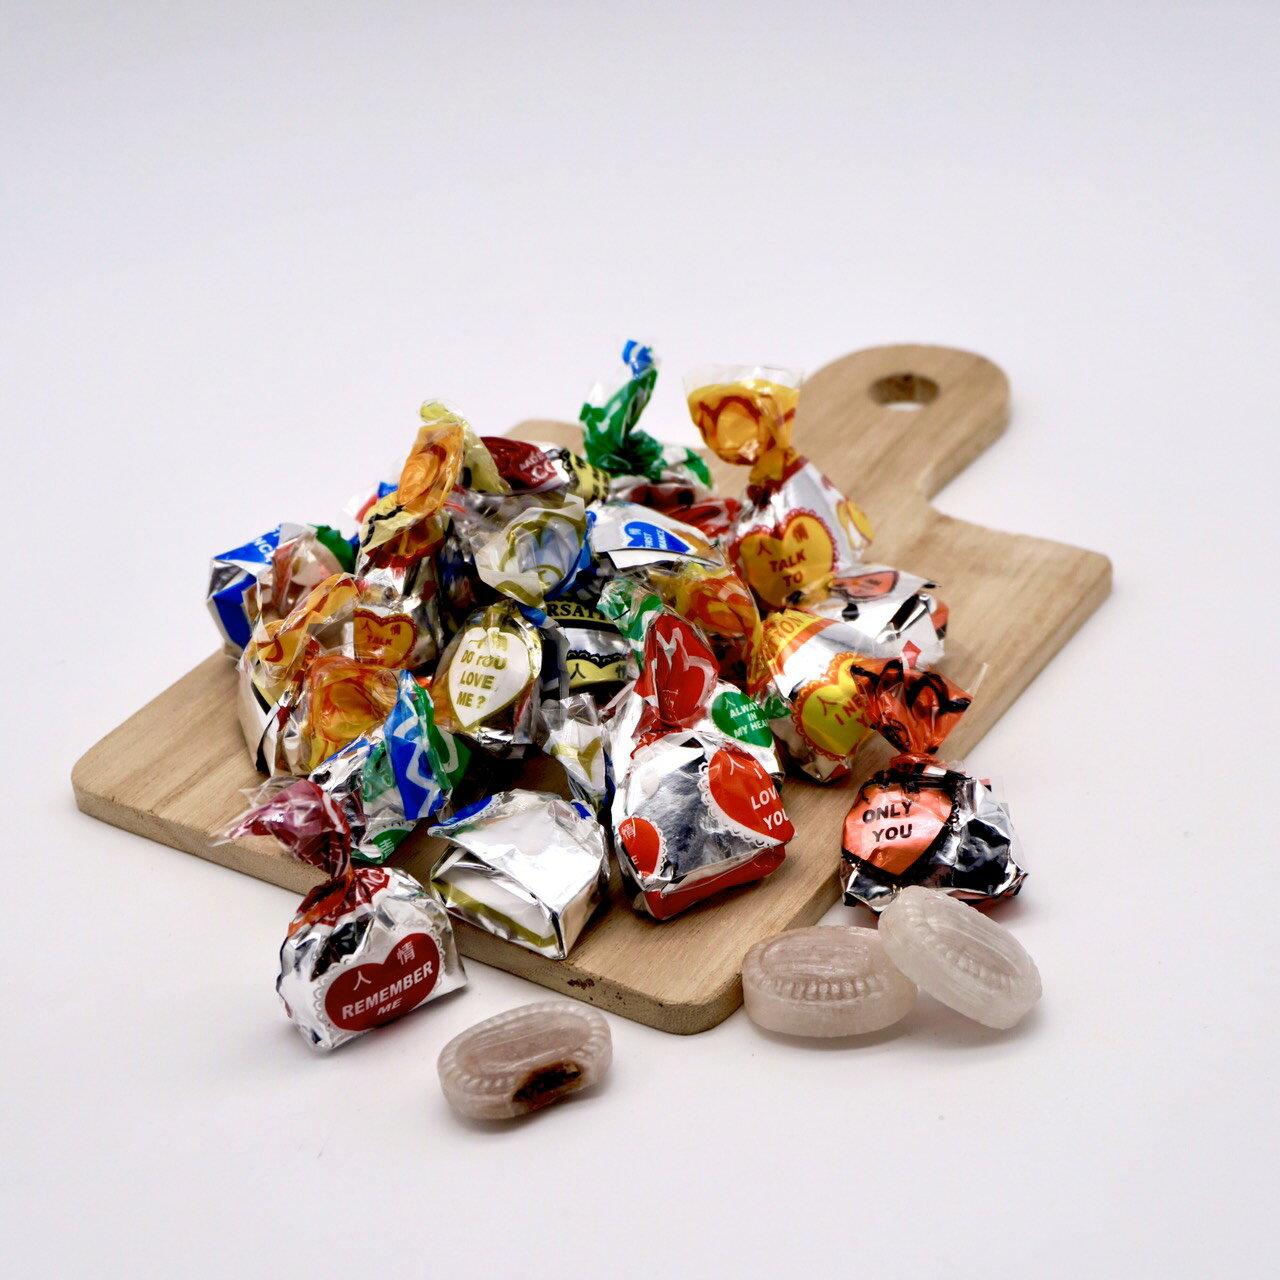 嘴甜甜 情人糖 200公克 糖果系列 情人 甜蜜 糖果 軟糖 巧克力 棒棒糖 果凍 汽水 喜糖 素食 現貨